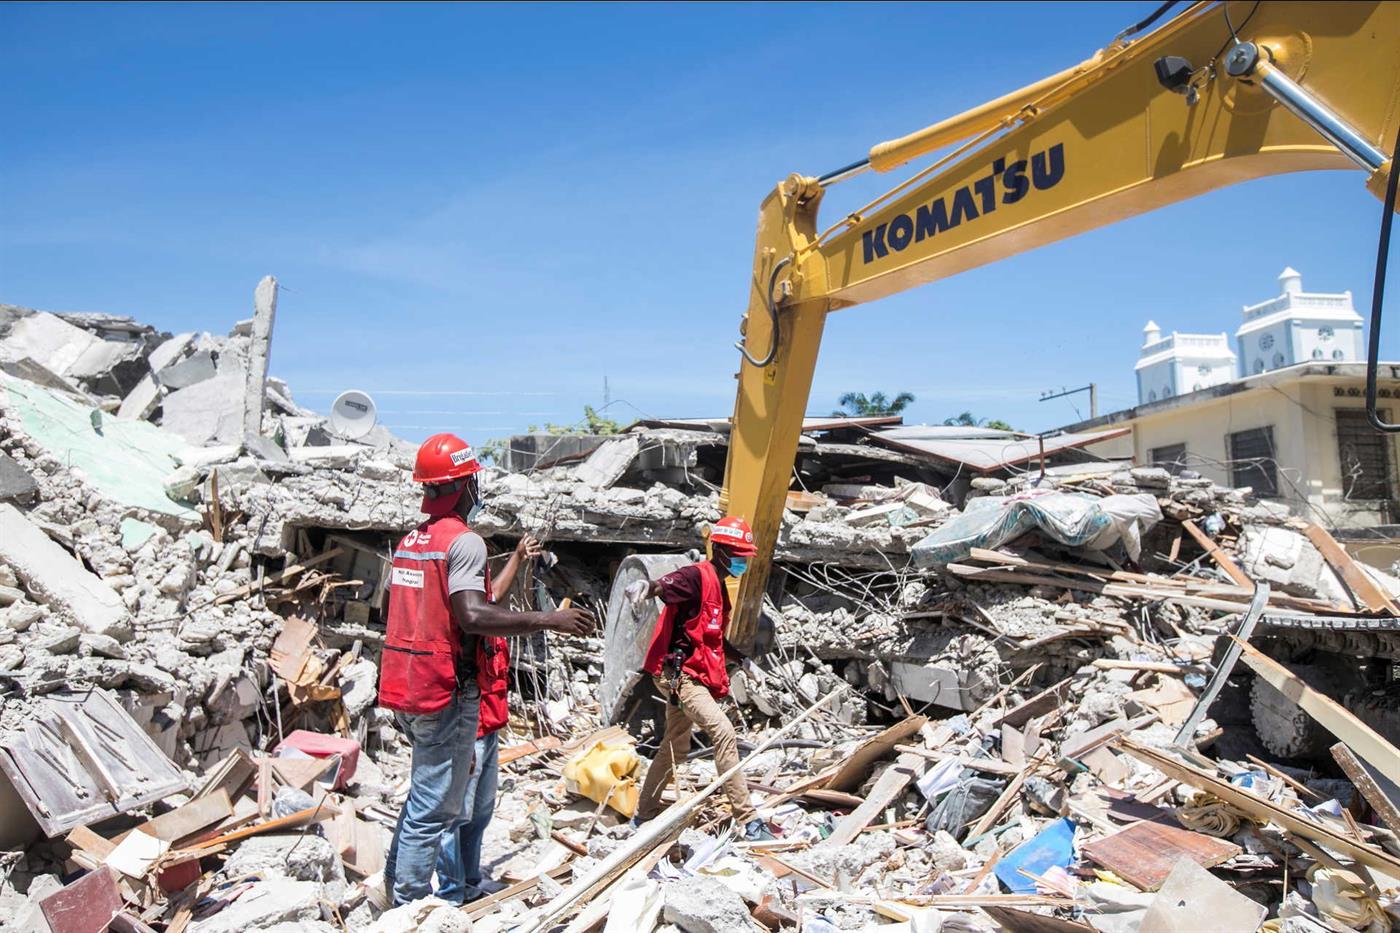 Mundo: Sismo no Haiti, número de vítimas sobe para 1.419 mortos